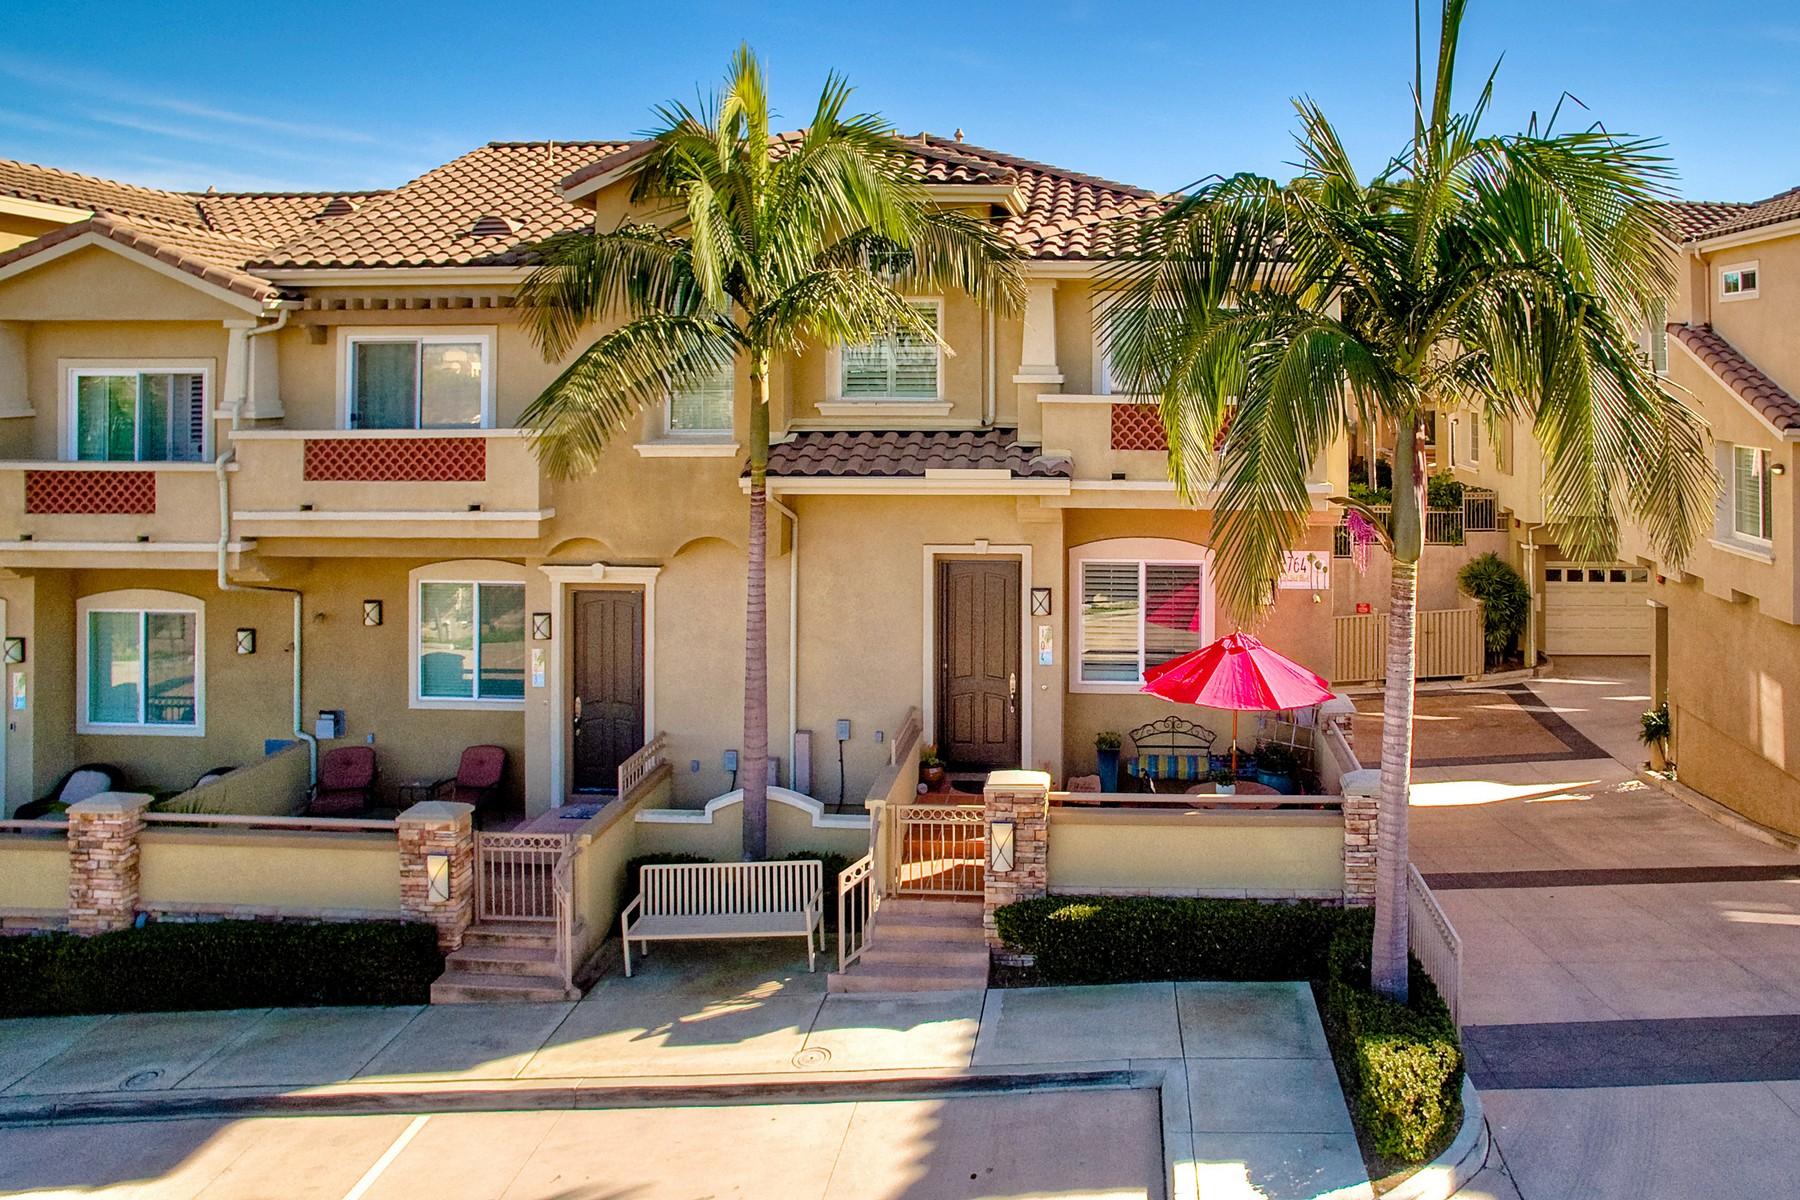 واحد منزل الأسرة للـ Sale في 2764 Carlsbad Blvd, 104 2764 Carlsbad Blvd #104, Carlsbad, California, 92008 United States